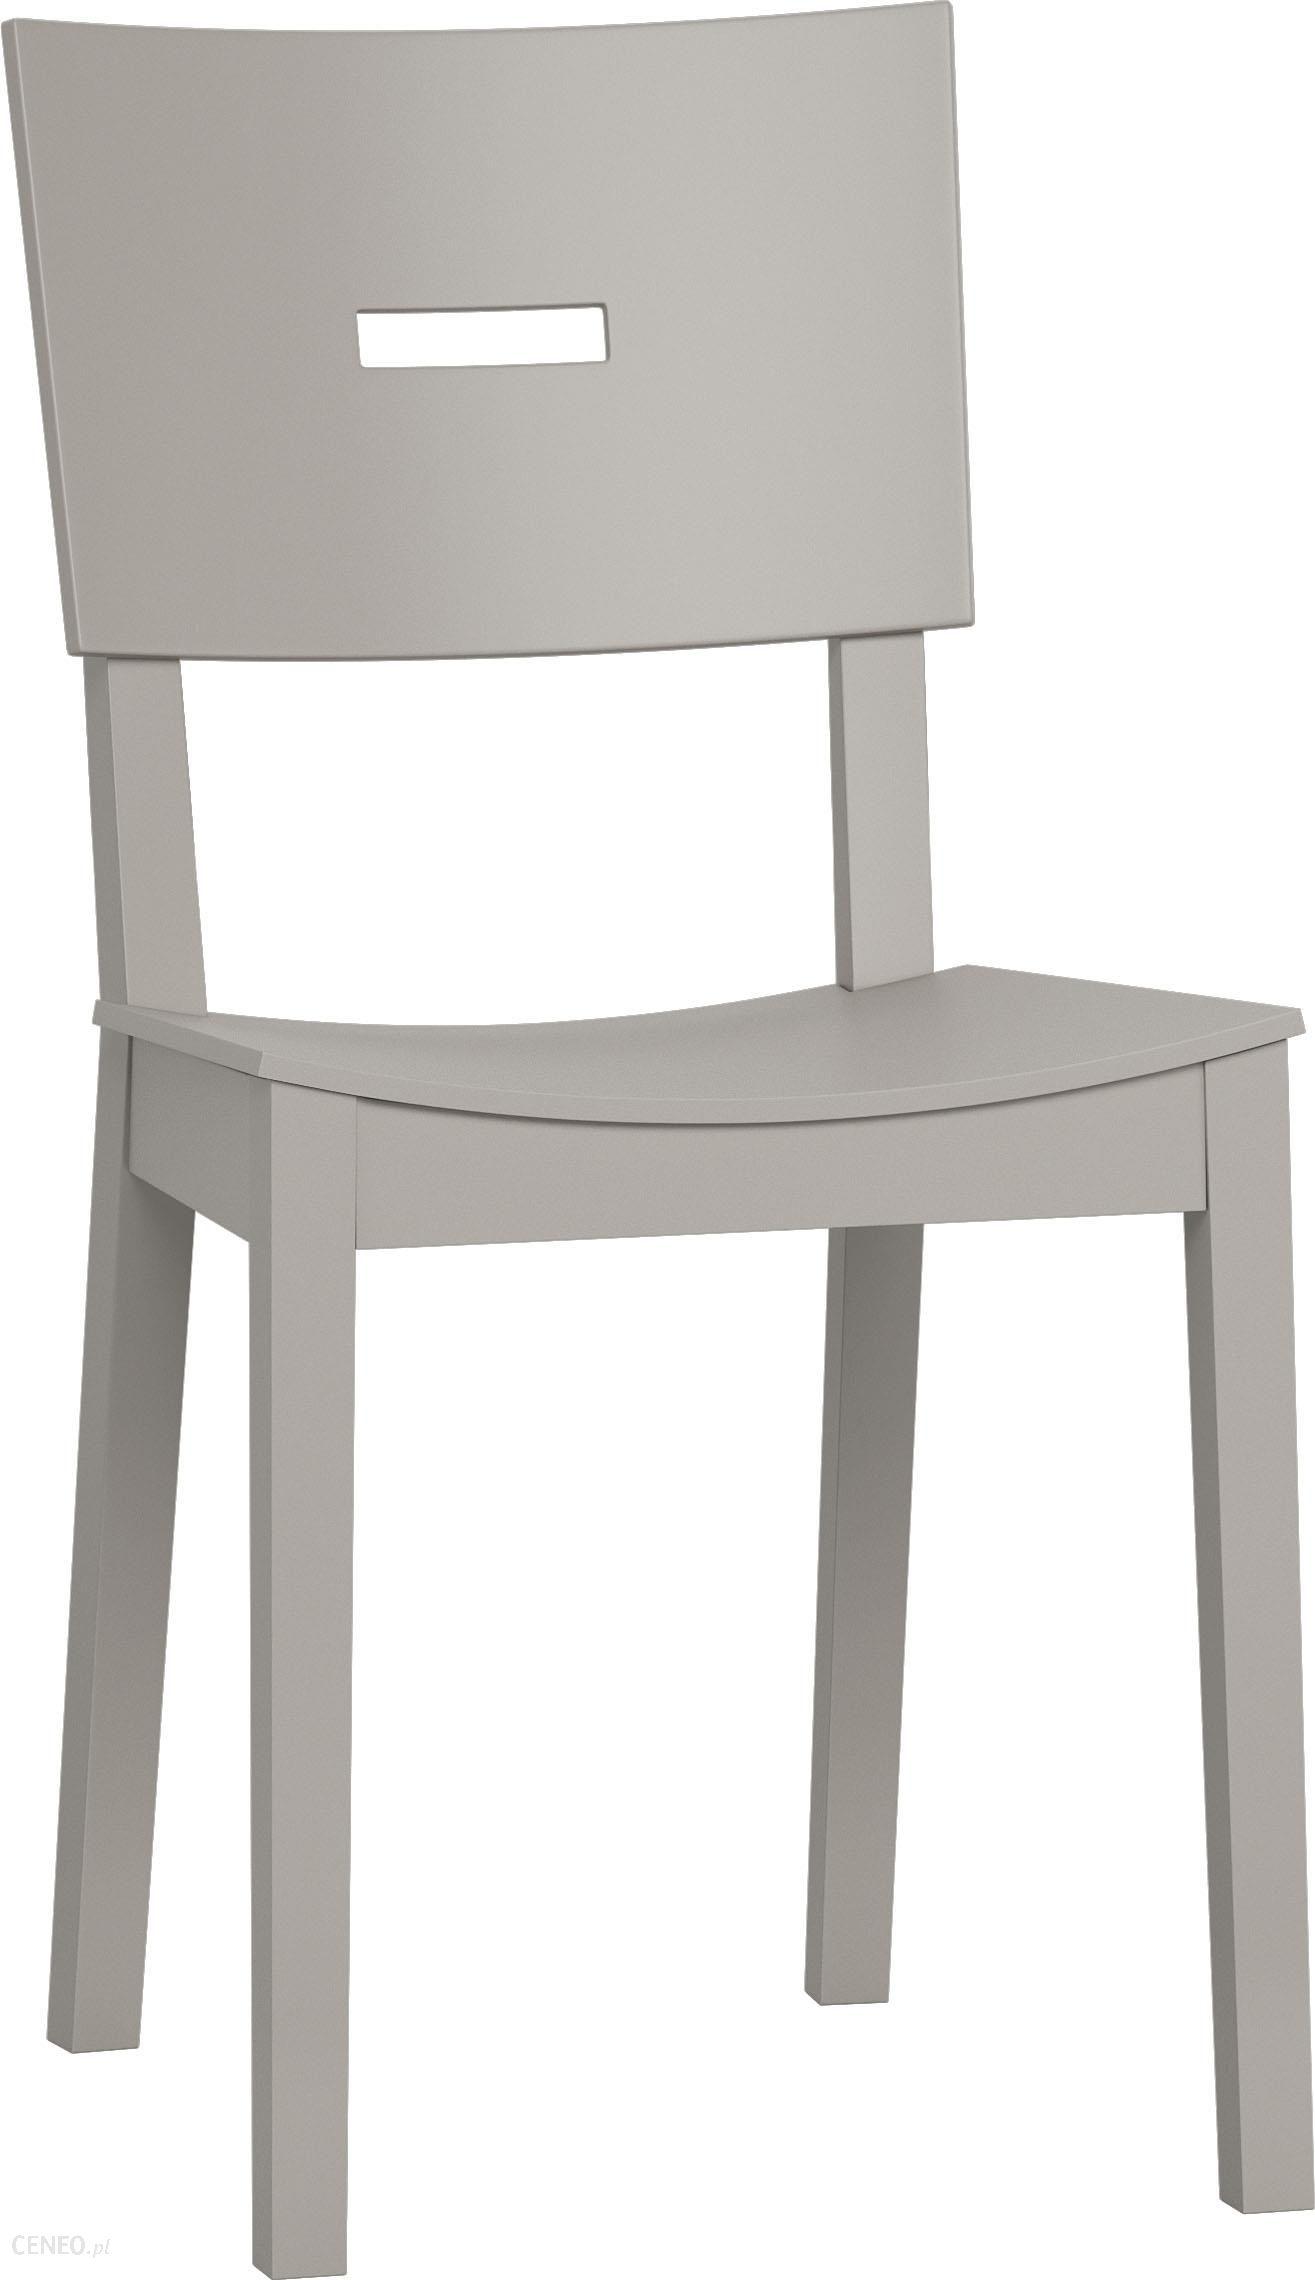 Meble Vox Krzesło Simple Szare Opinie I Atrakcyjne Ceny Na Ceneopl